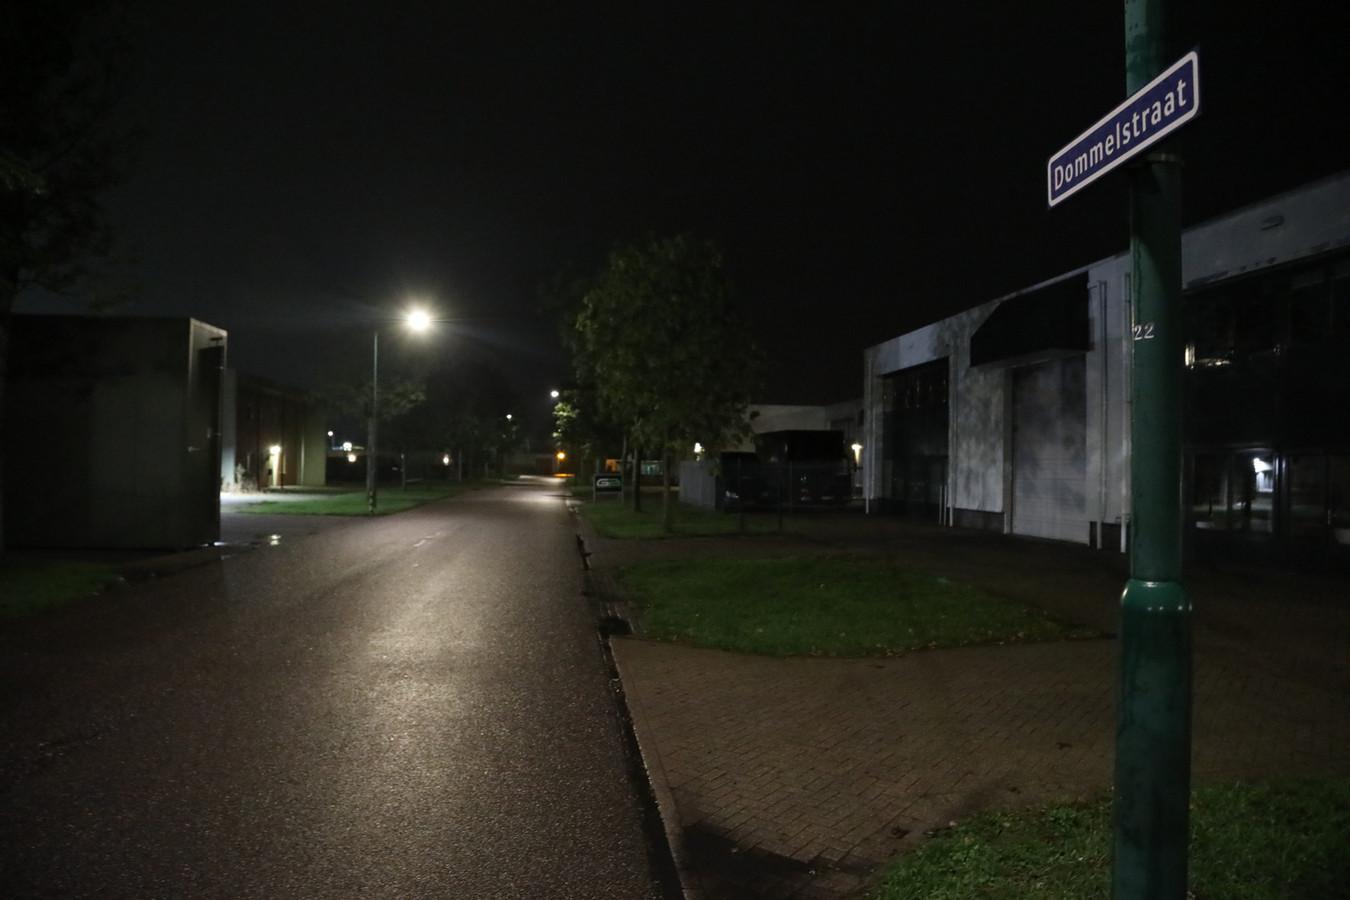 De Dommelstraat in Oss, waar de politie dinsdagavond een bedrijfspand doorzocht waar de overleden man werkte.